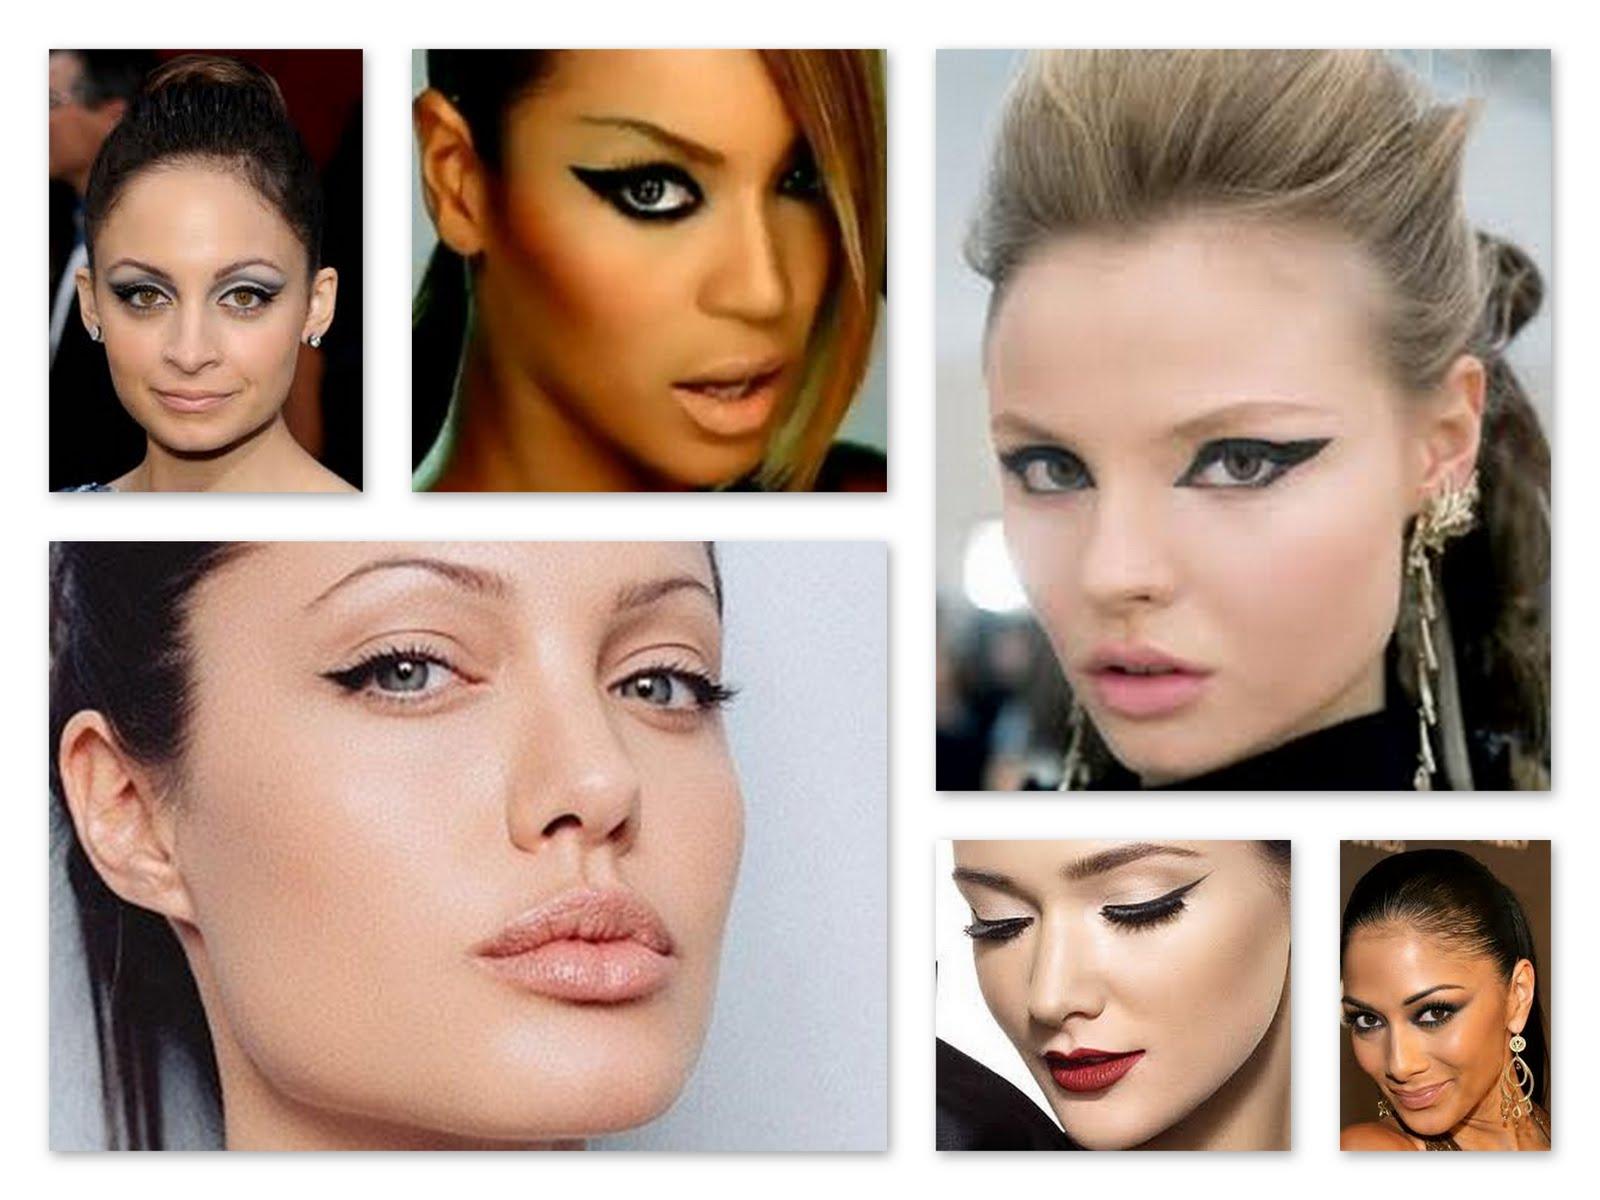 http://2.bp.blogspot.com/_EJDzB3nyENg/TGLQyAbtLRI/AAAAAAAAA9I/ACzmzfAbuNo/s1600/maquiagem+olhos1.jpg